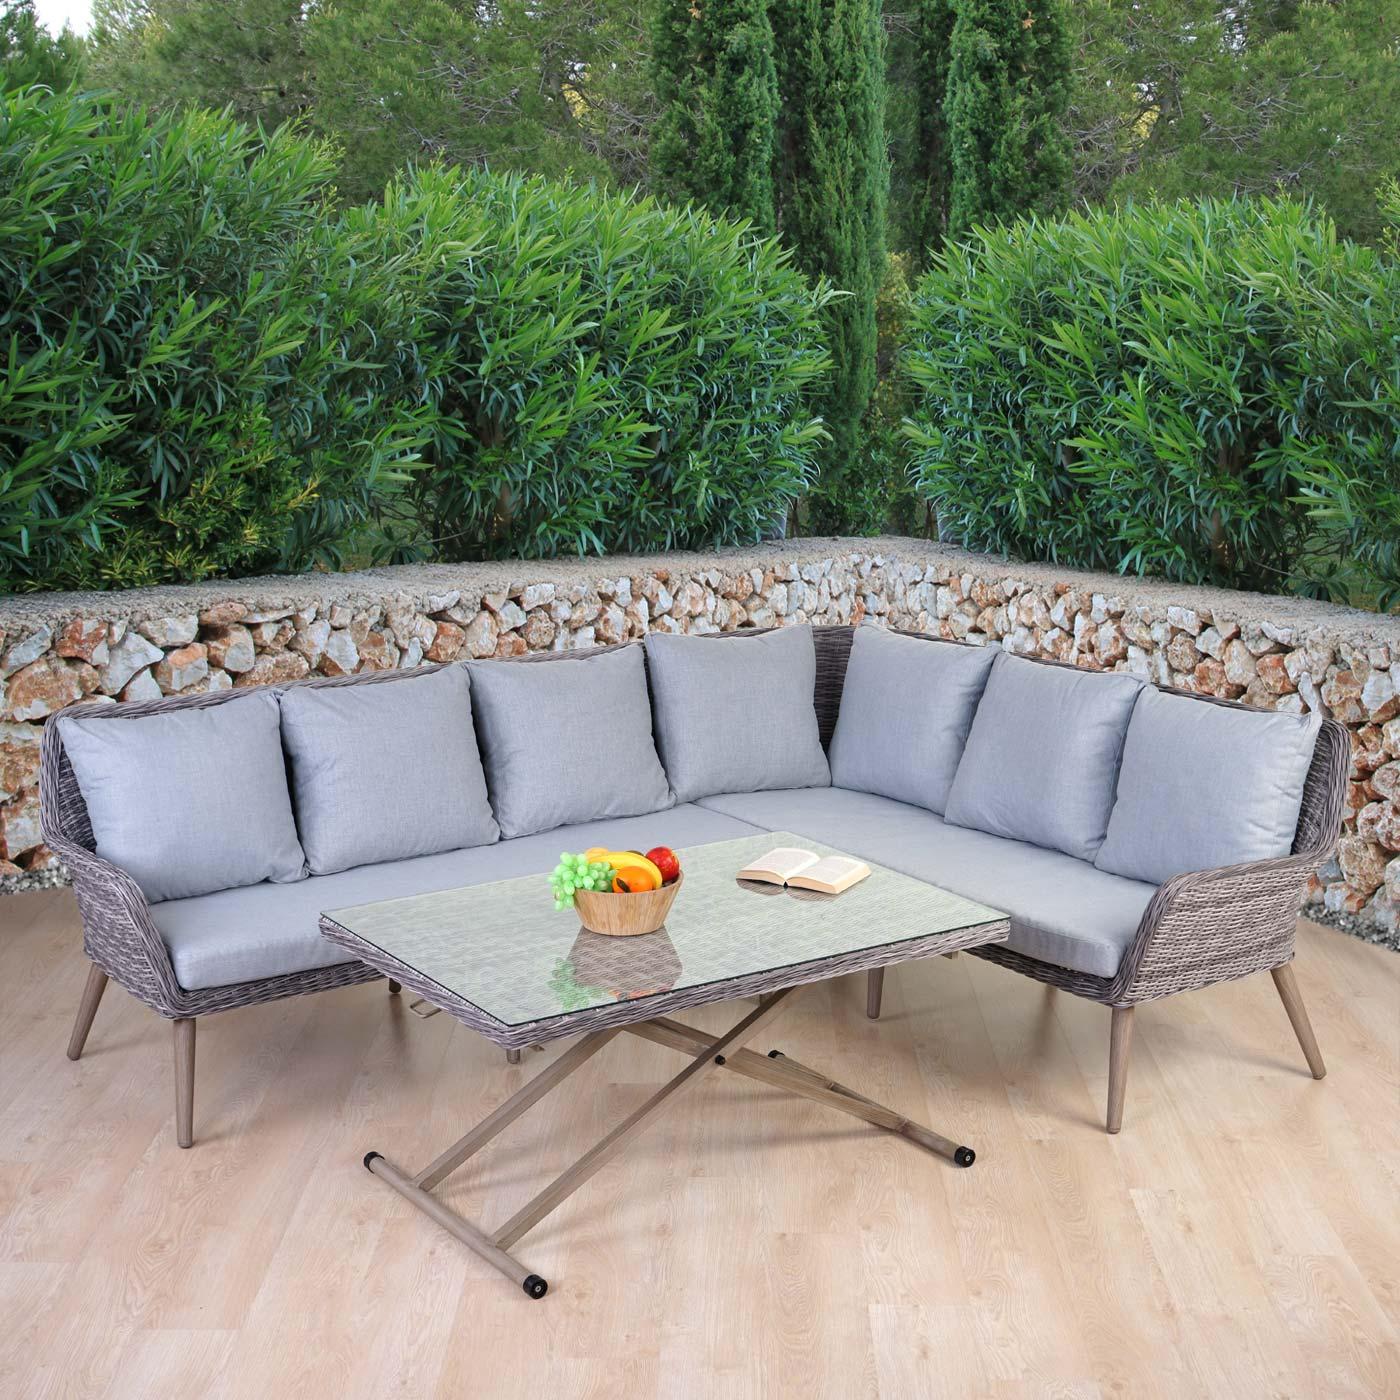 luxus poly rattan garnitur bilbao premium lounge esstisch. Black Bedroom Furniture Sets. Home Design Ideas